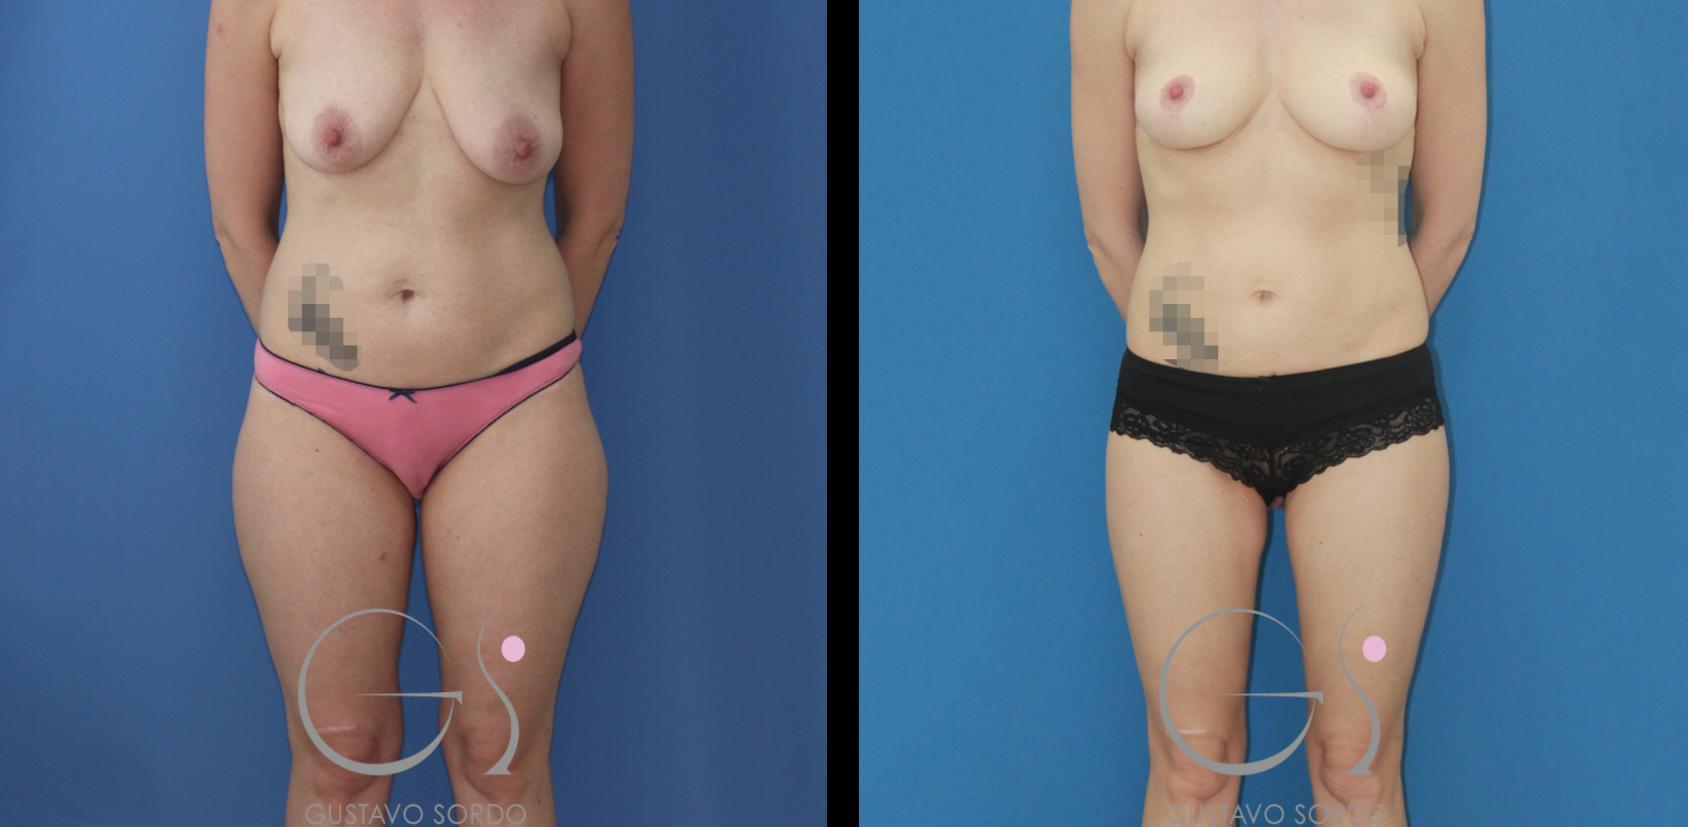 Cirugía integral postparto: mastopexia, lipofilling de mamas y liposucción